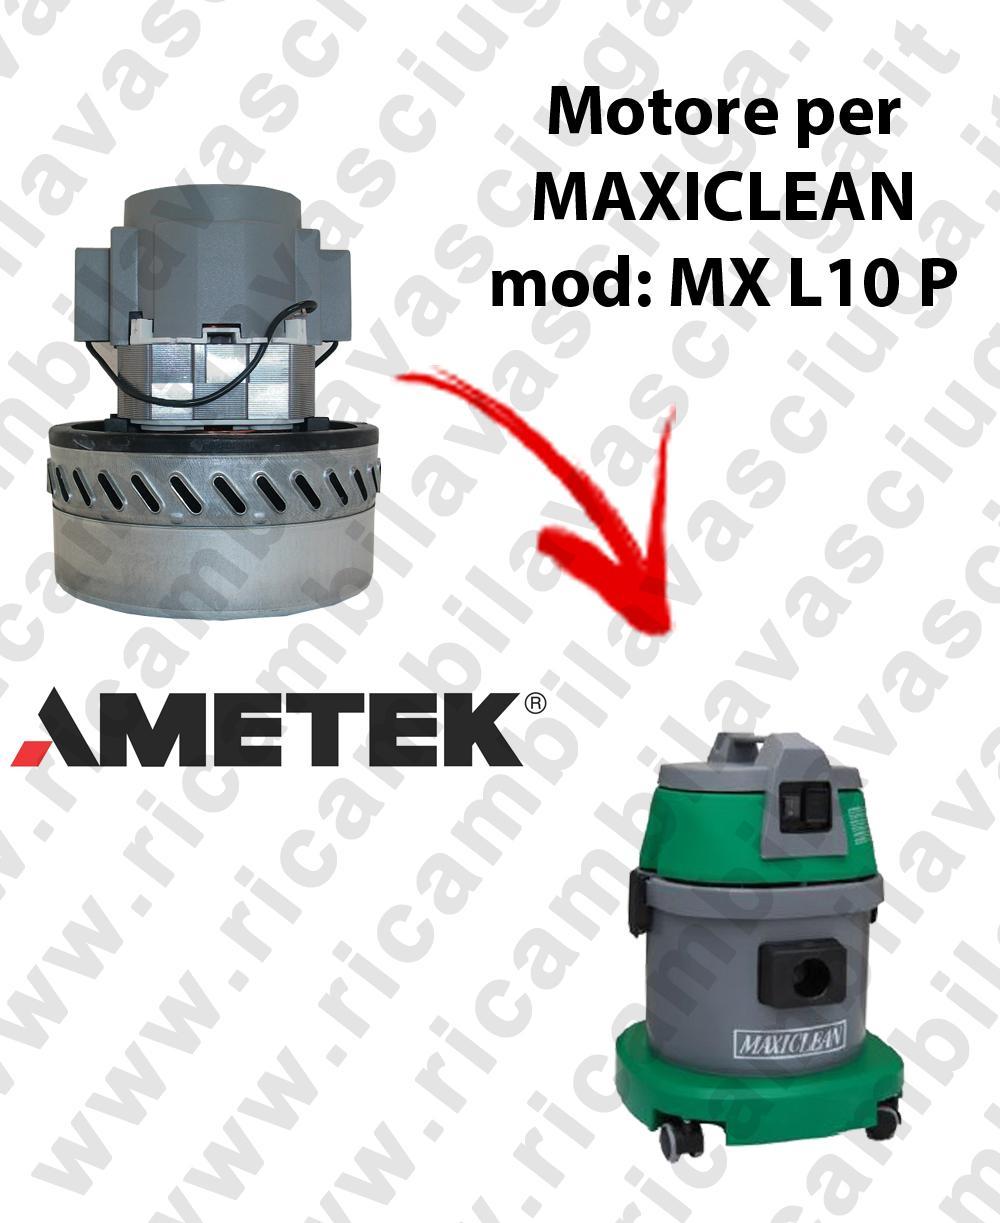 MX L 10 P AMETEK vacuum motor for wet and dry vacuum cleaner MAXICLEAN